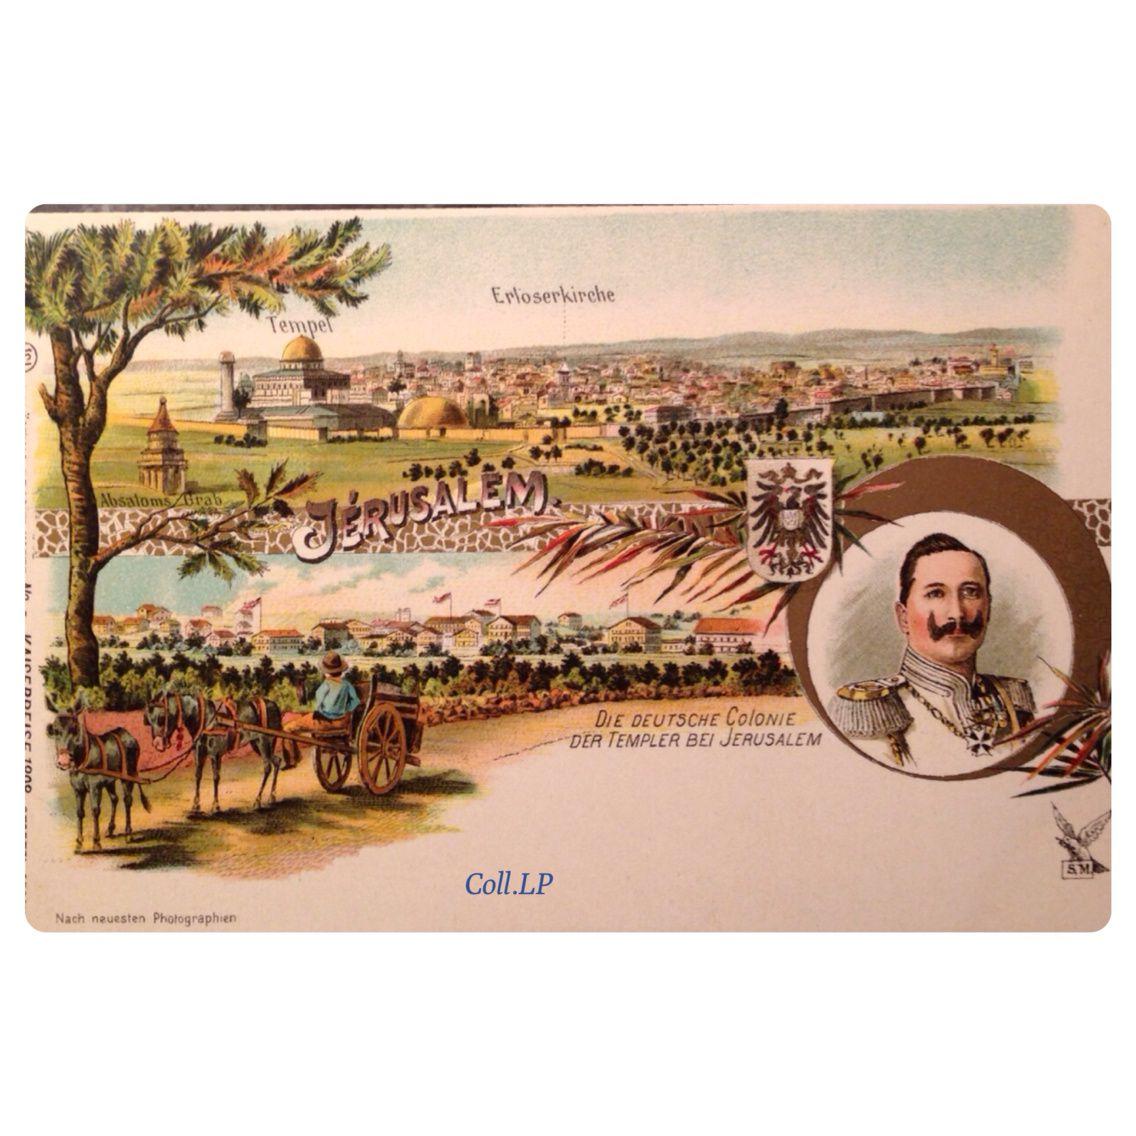 La visite du Keiser Wilhem II en 1898 en Palestine. Série exceptionnelle